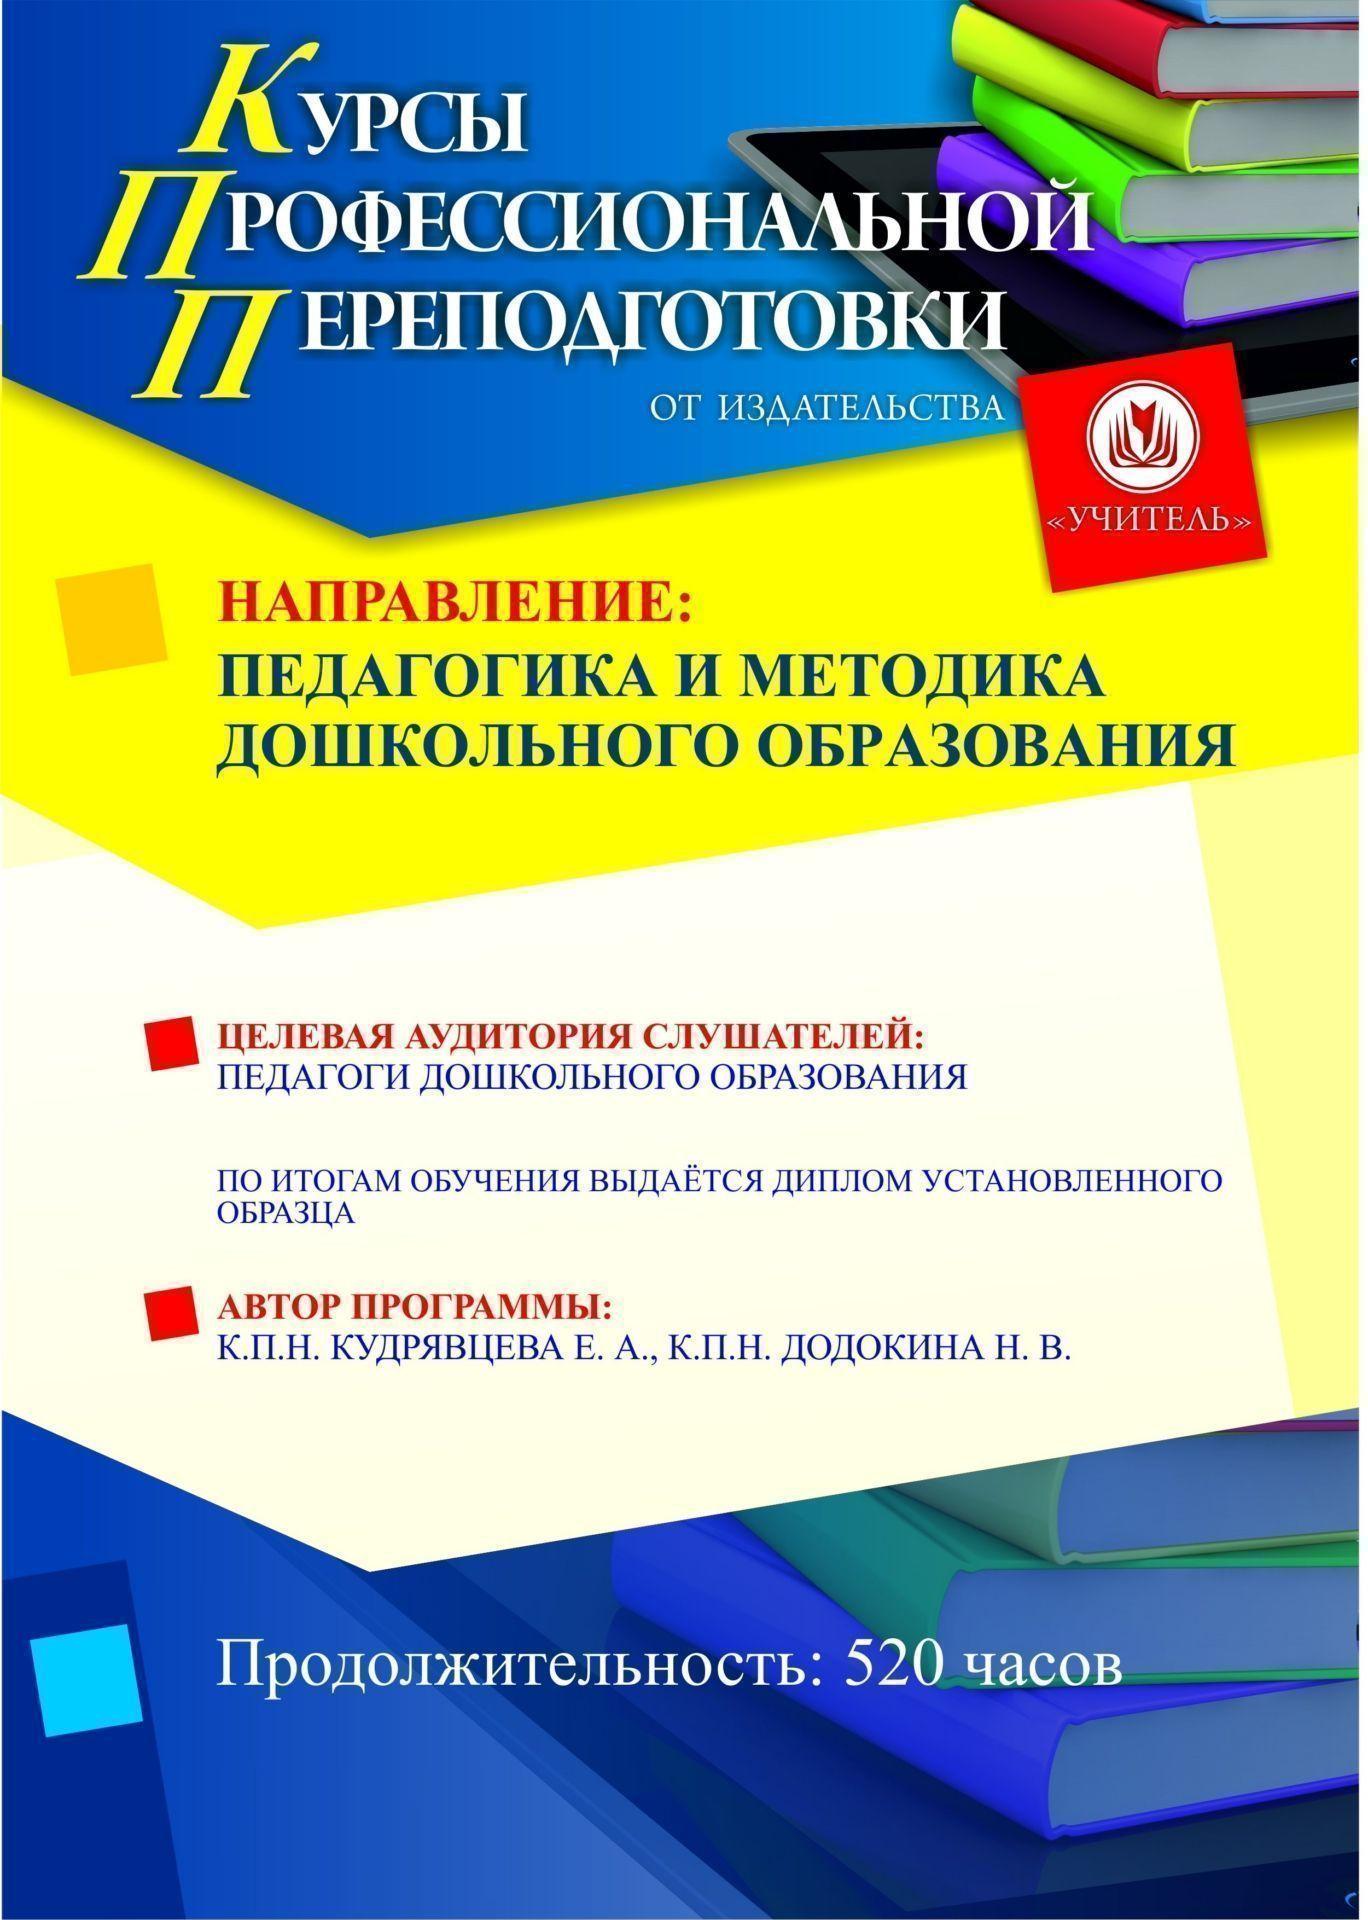 Пройти дистанционный курс переподготовки Педагогика и методика  Педагогика и методика дошкольного образования 520 ч предпросмотр